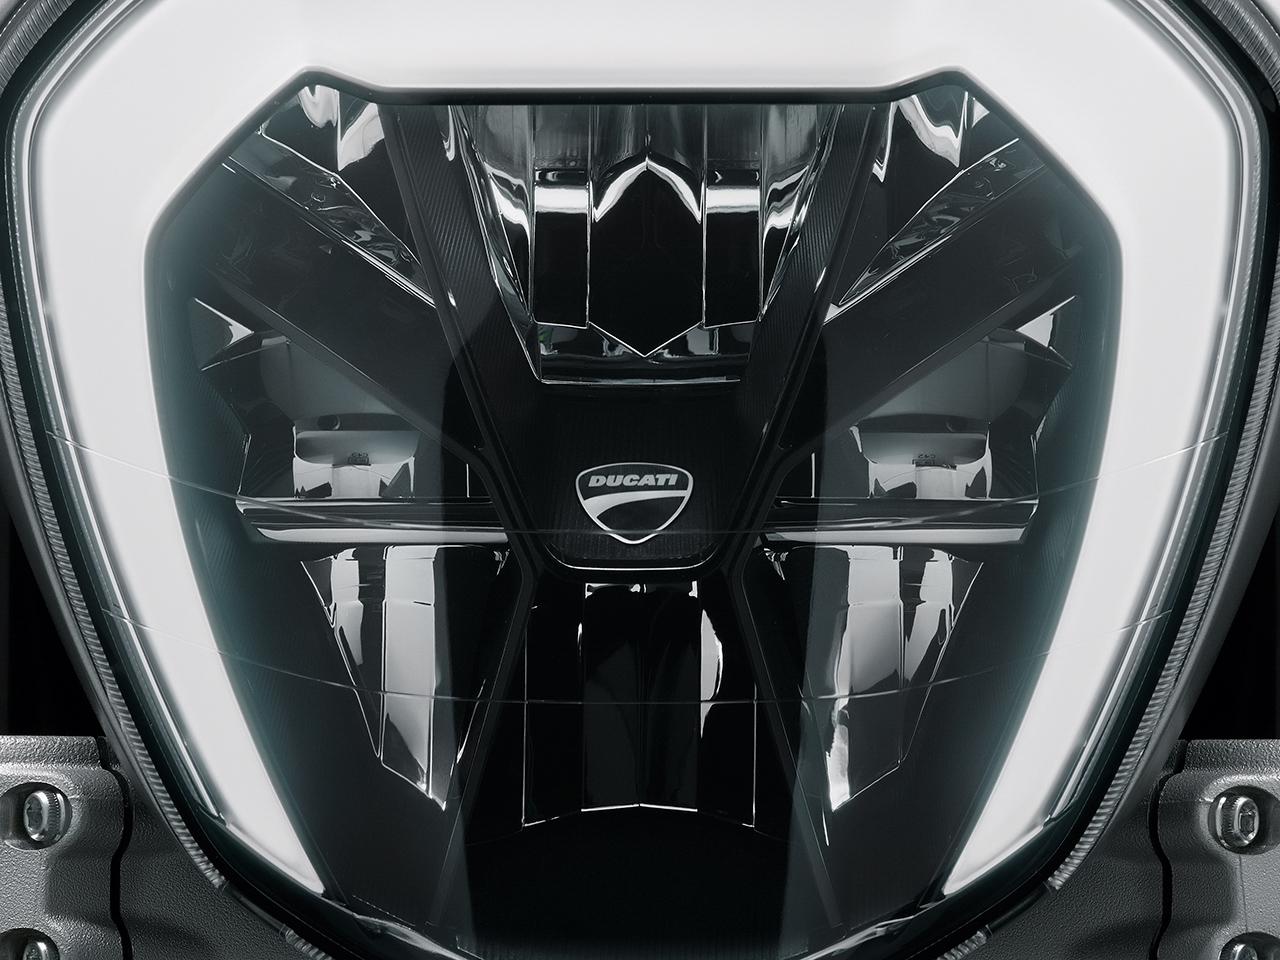 New Ducati Xdiavel S 2019 Thrilling Black Ducati Xdiavel